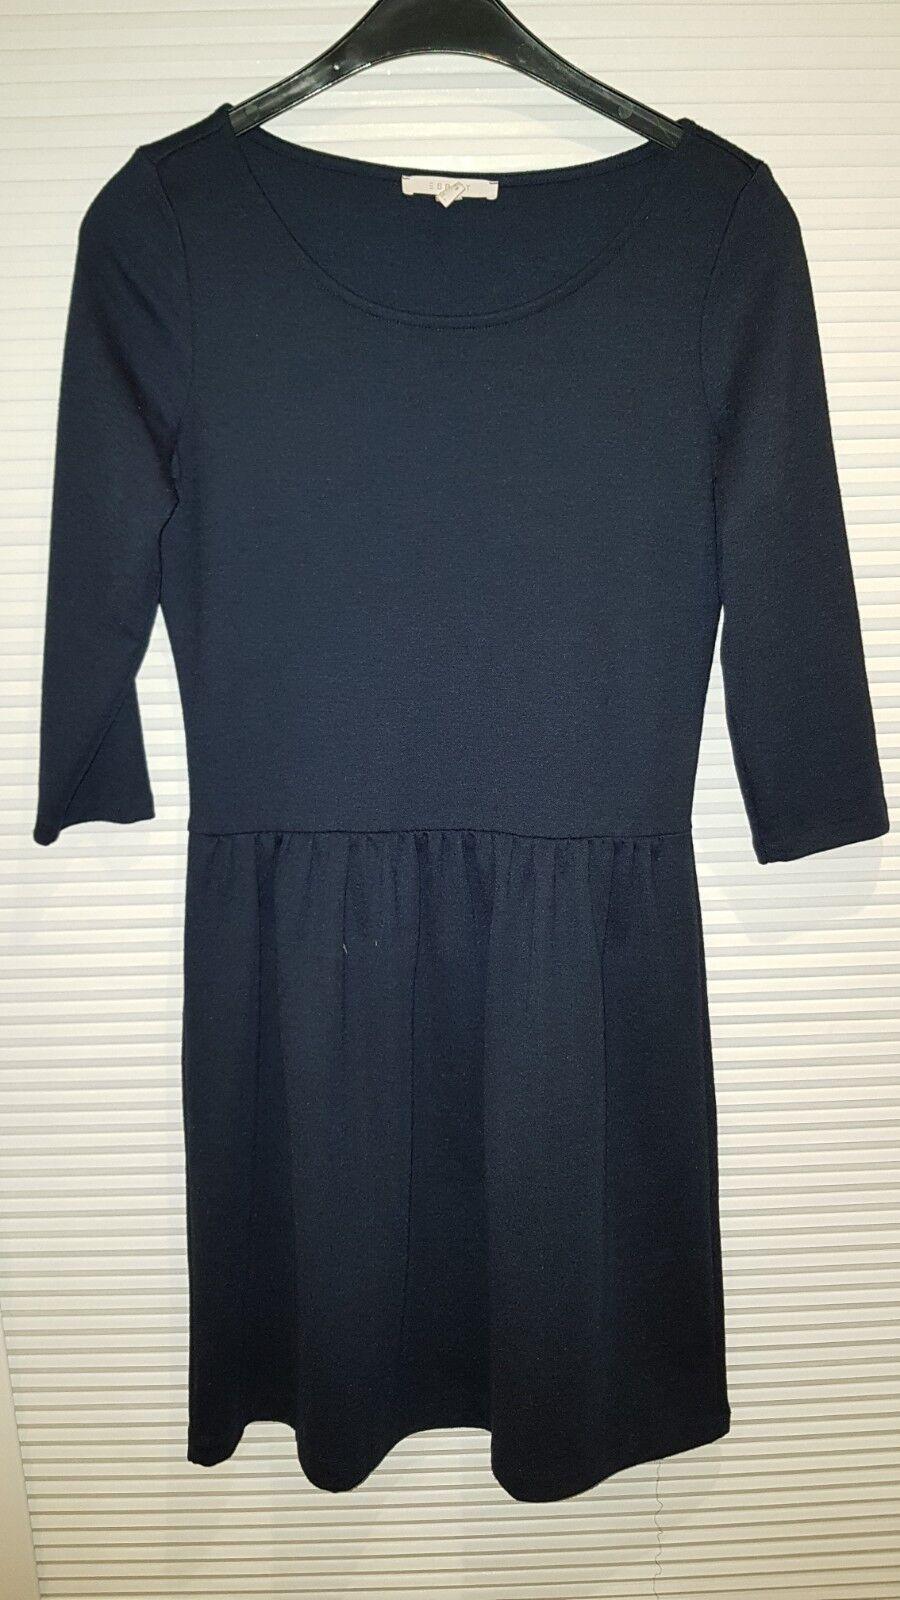 ESPRIT, Kleid, dunkelblau, Größe S, NEU | Billiger als der Preis  | Zürich Online Shop  | Sonderaktionen zum Jahresende